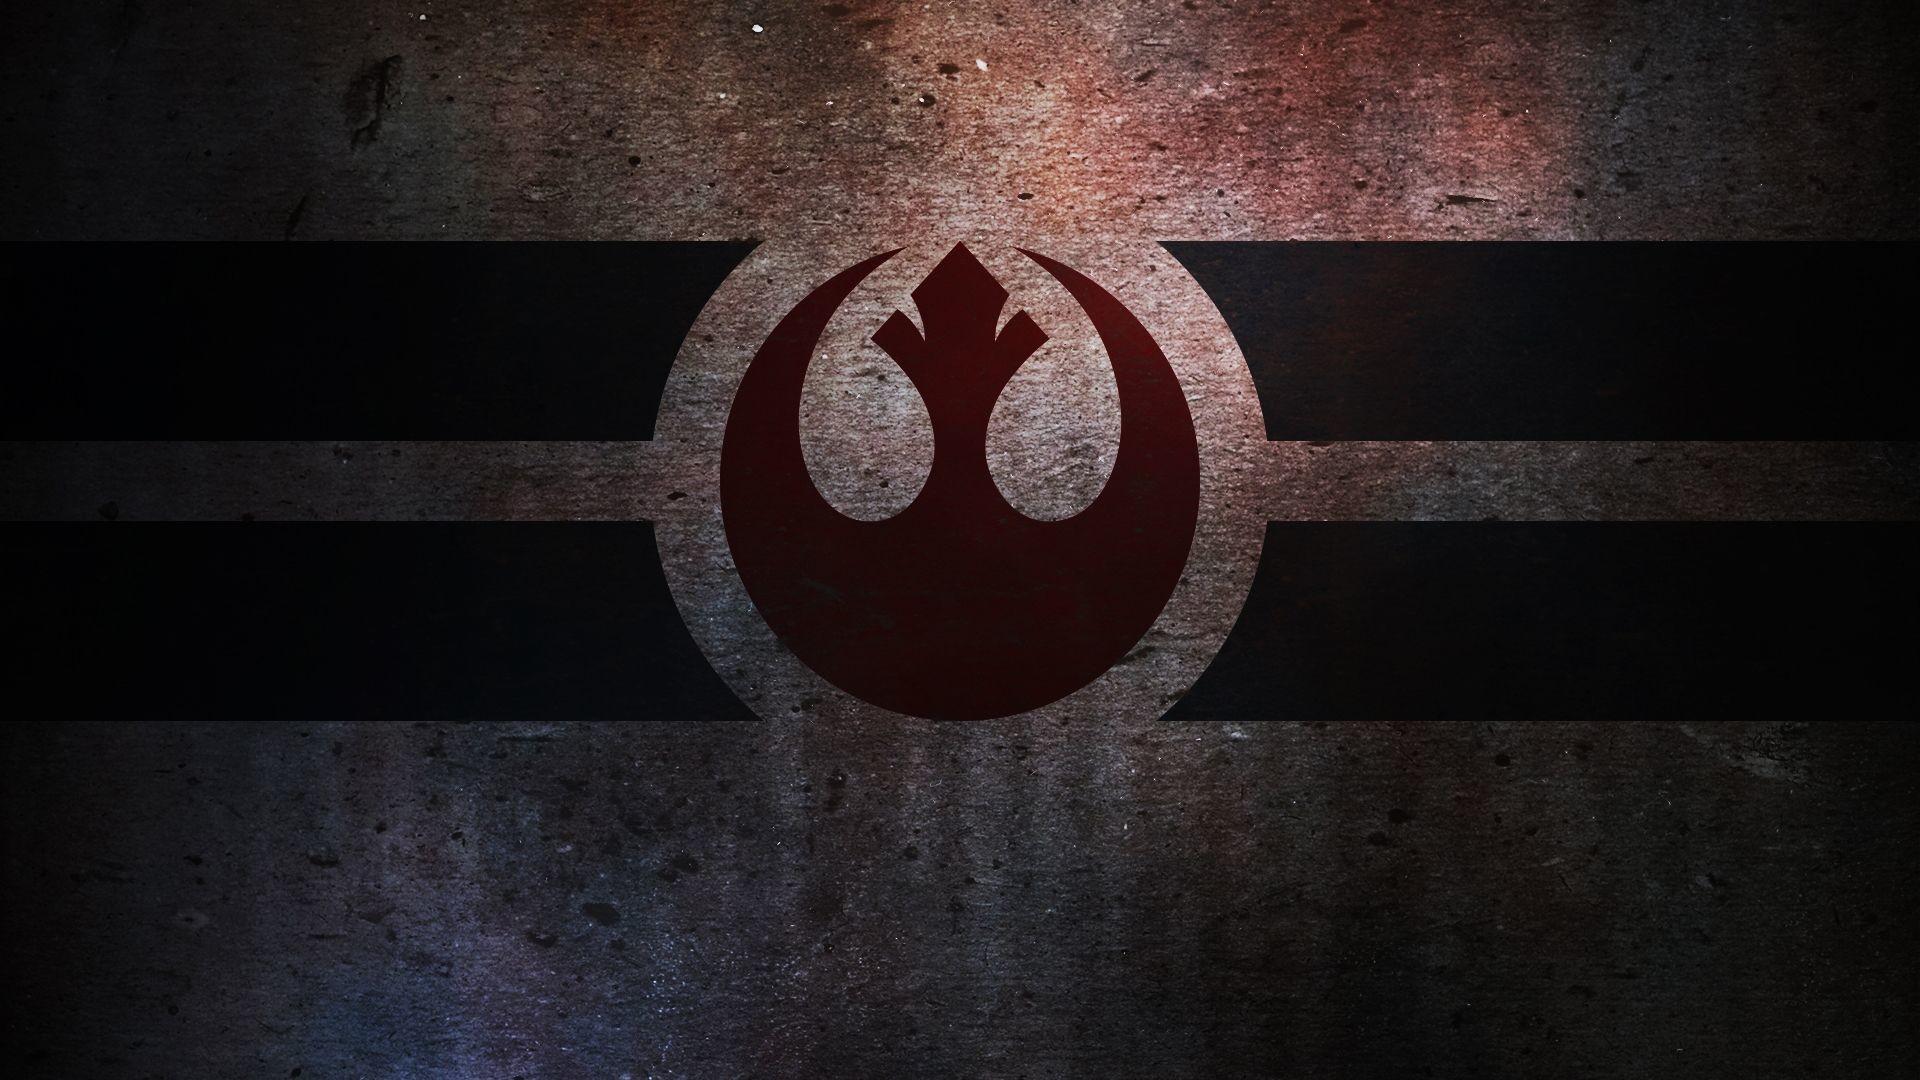 Rebel Alliance Computer Wallpapers, Desktop Backgrounds .